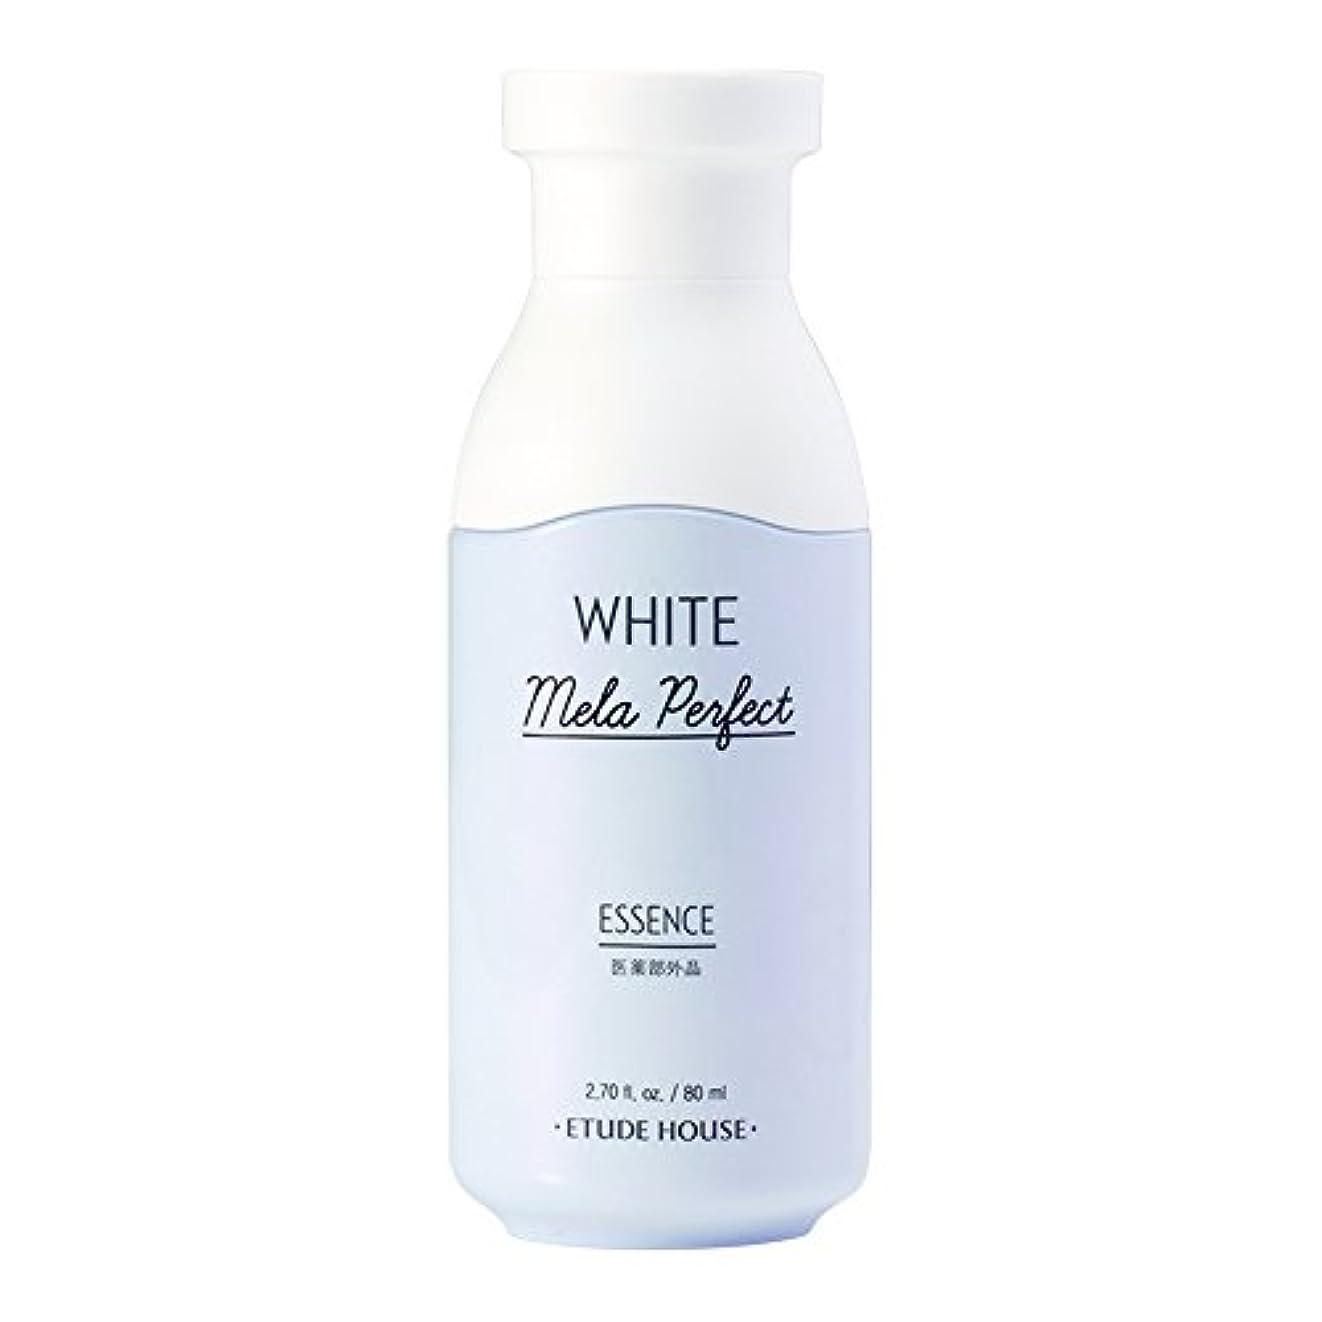 五十センサー震えるエチュードハウス(ETUDE HOUSE) ホワイトメラパーフェクト エッセンス「美白美容液」